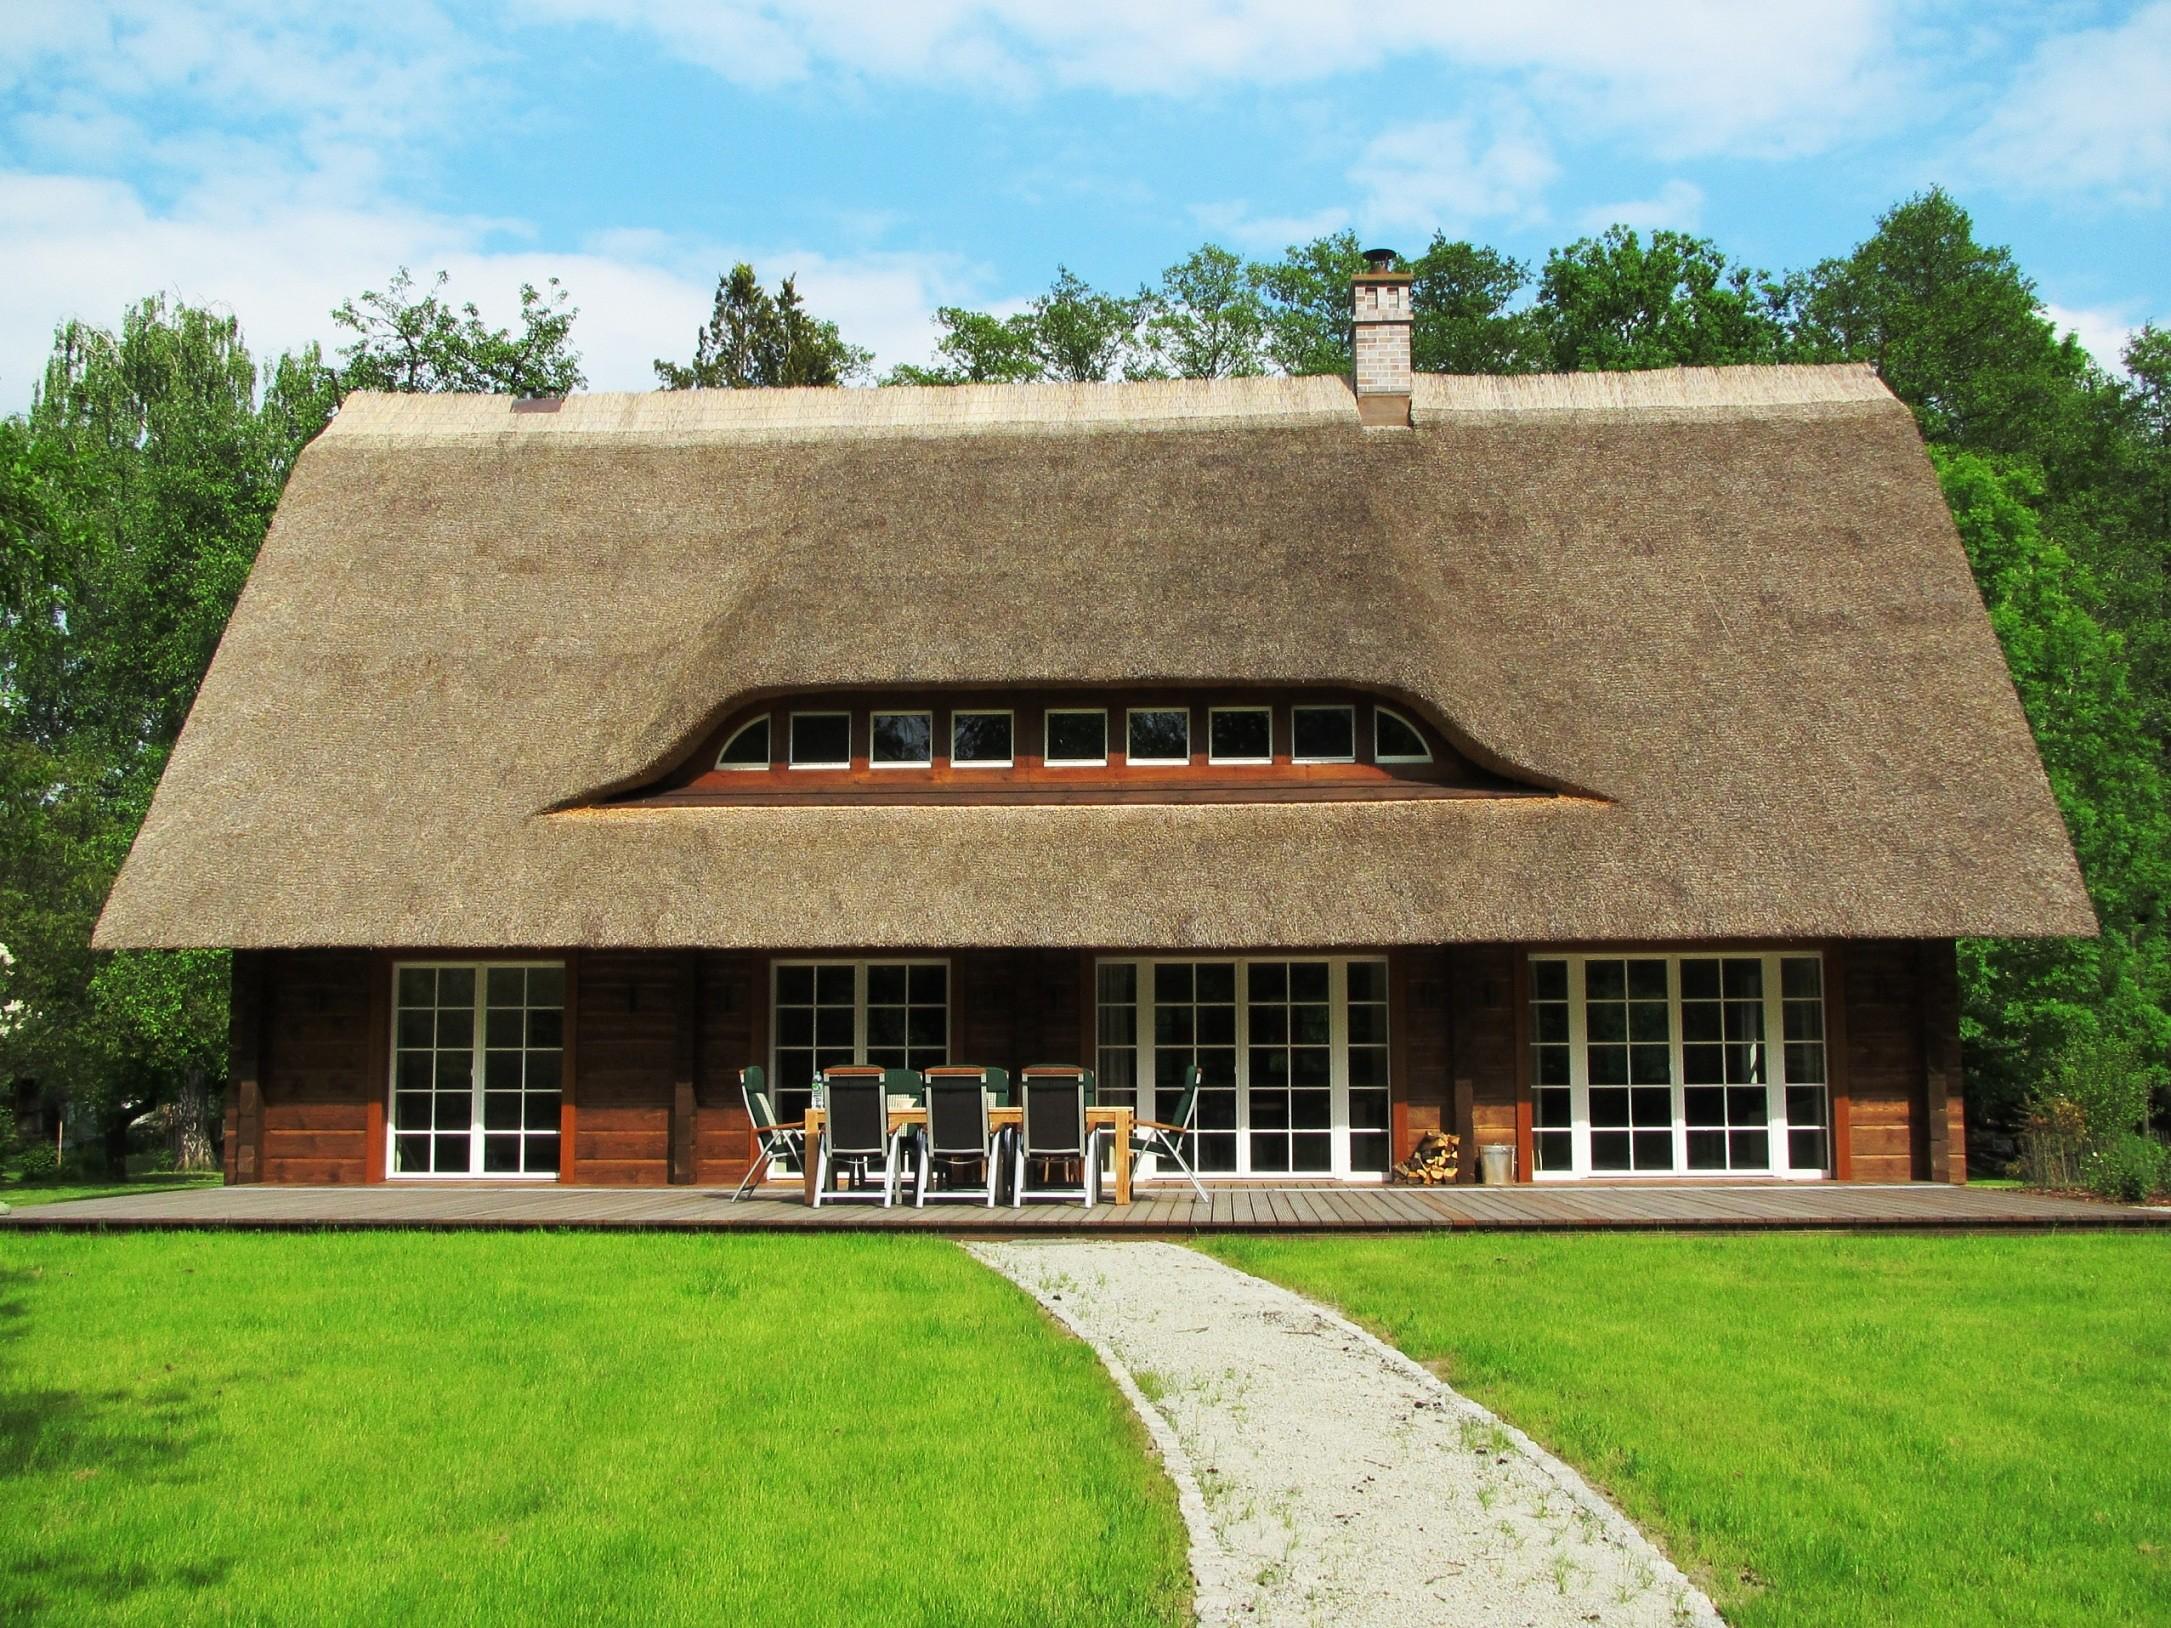 Faszinierend Russisches Holzhaus Ideen Von Auußenansicht Terrasse